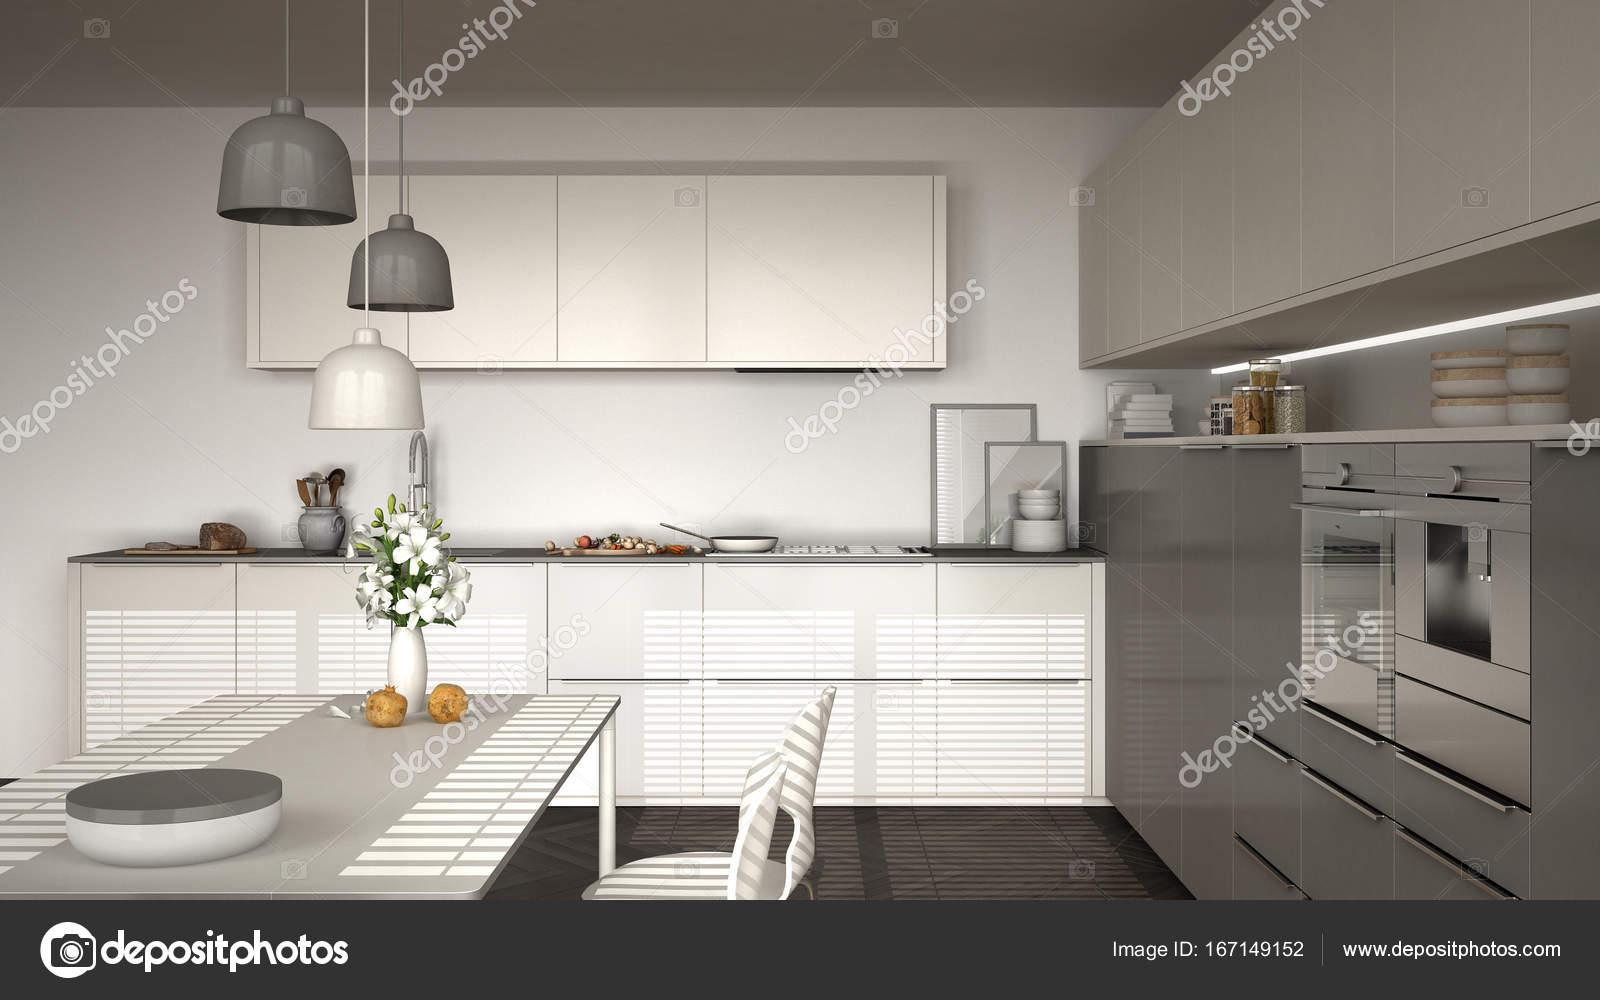 Cadeira Cozinha Moderna Cadeira Cozinha Sp With Cadeira Cozinha